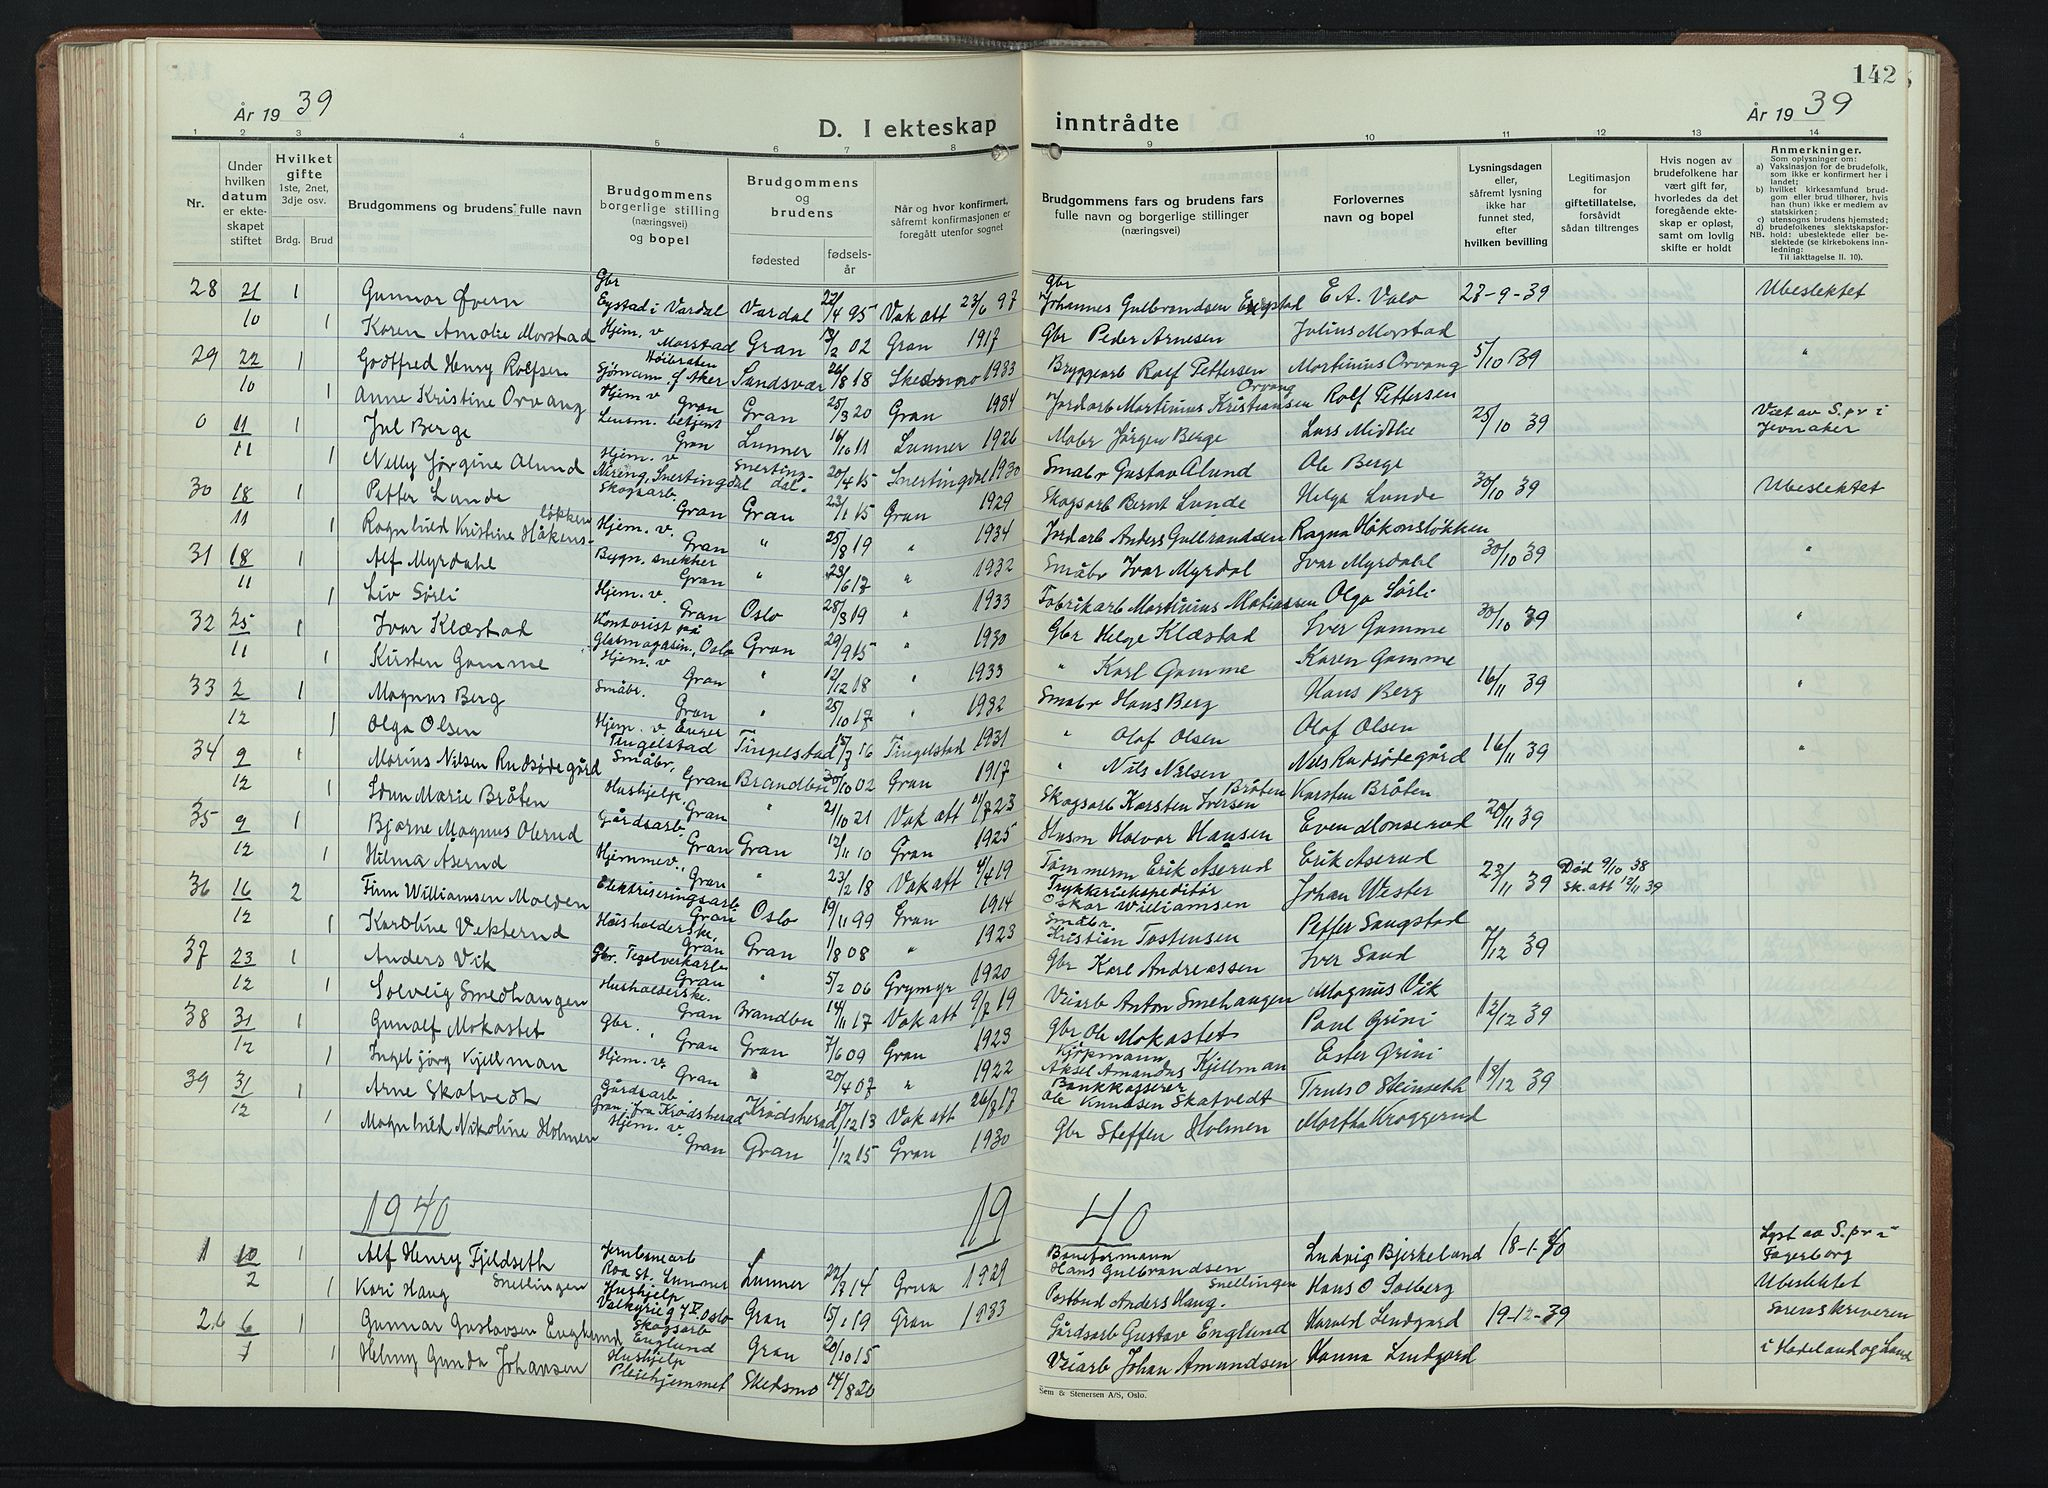 SAH, Gran prestekontor, Klokkerbok nr. 9, 1933-1950, s. 142